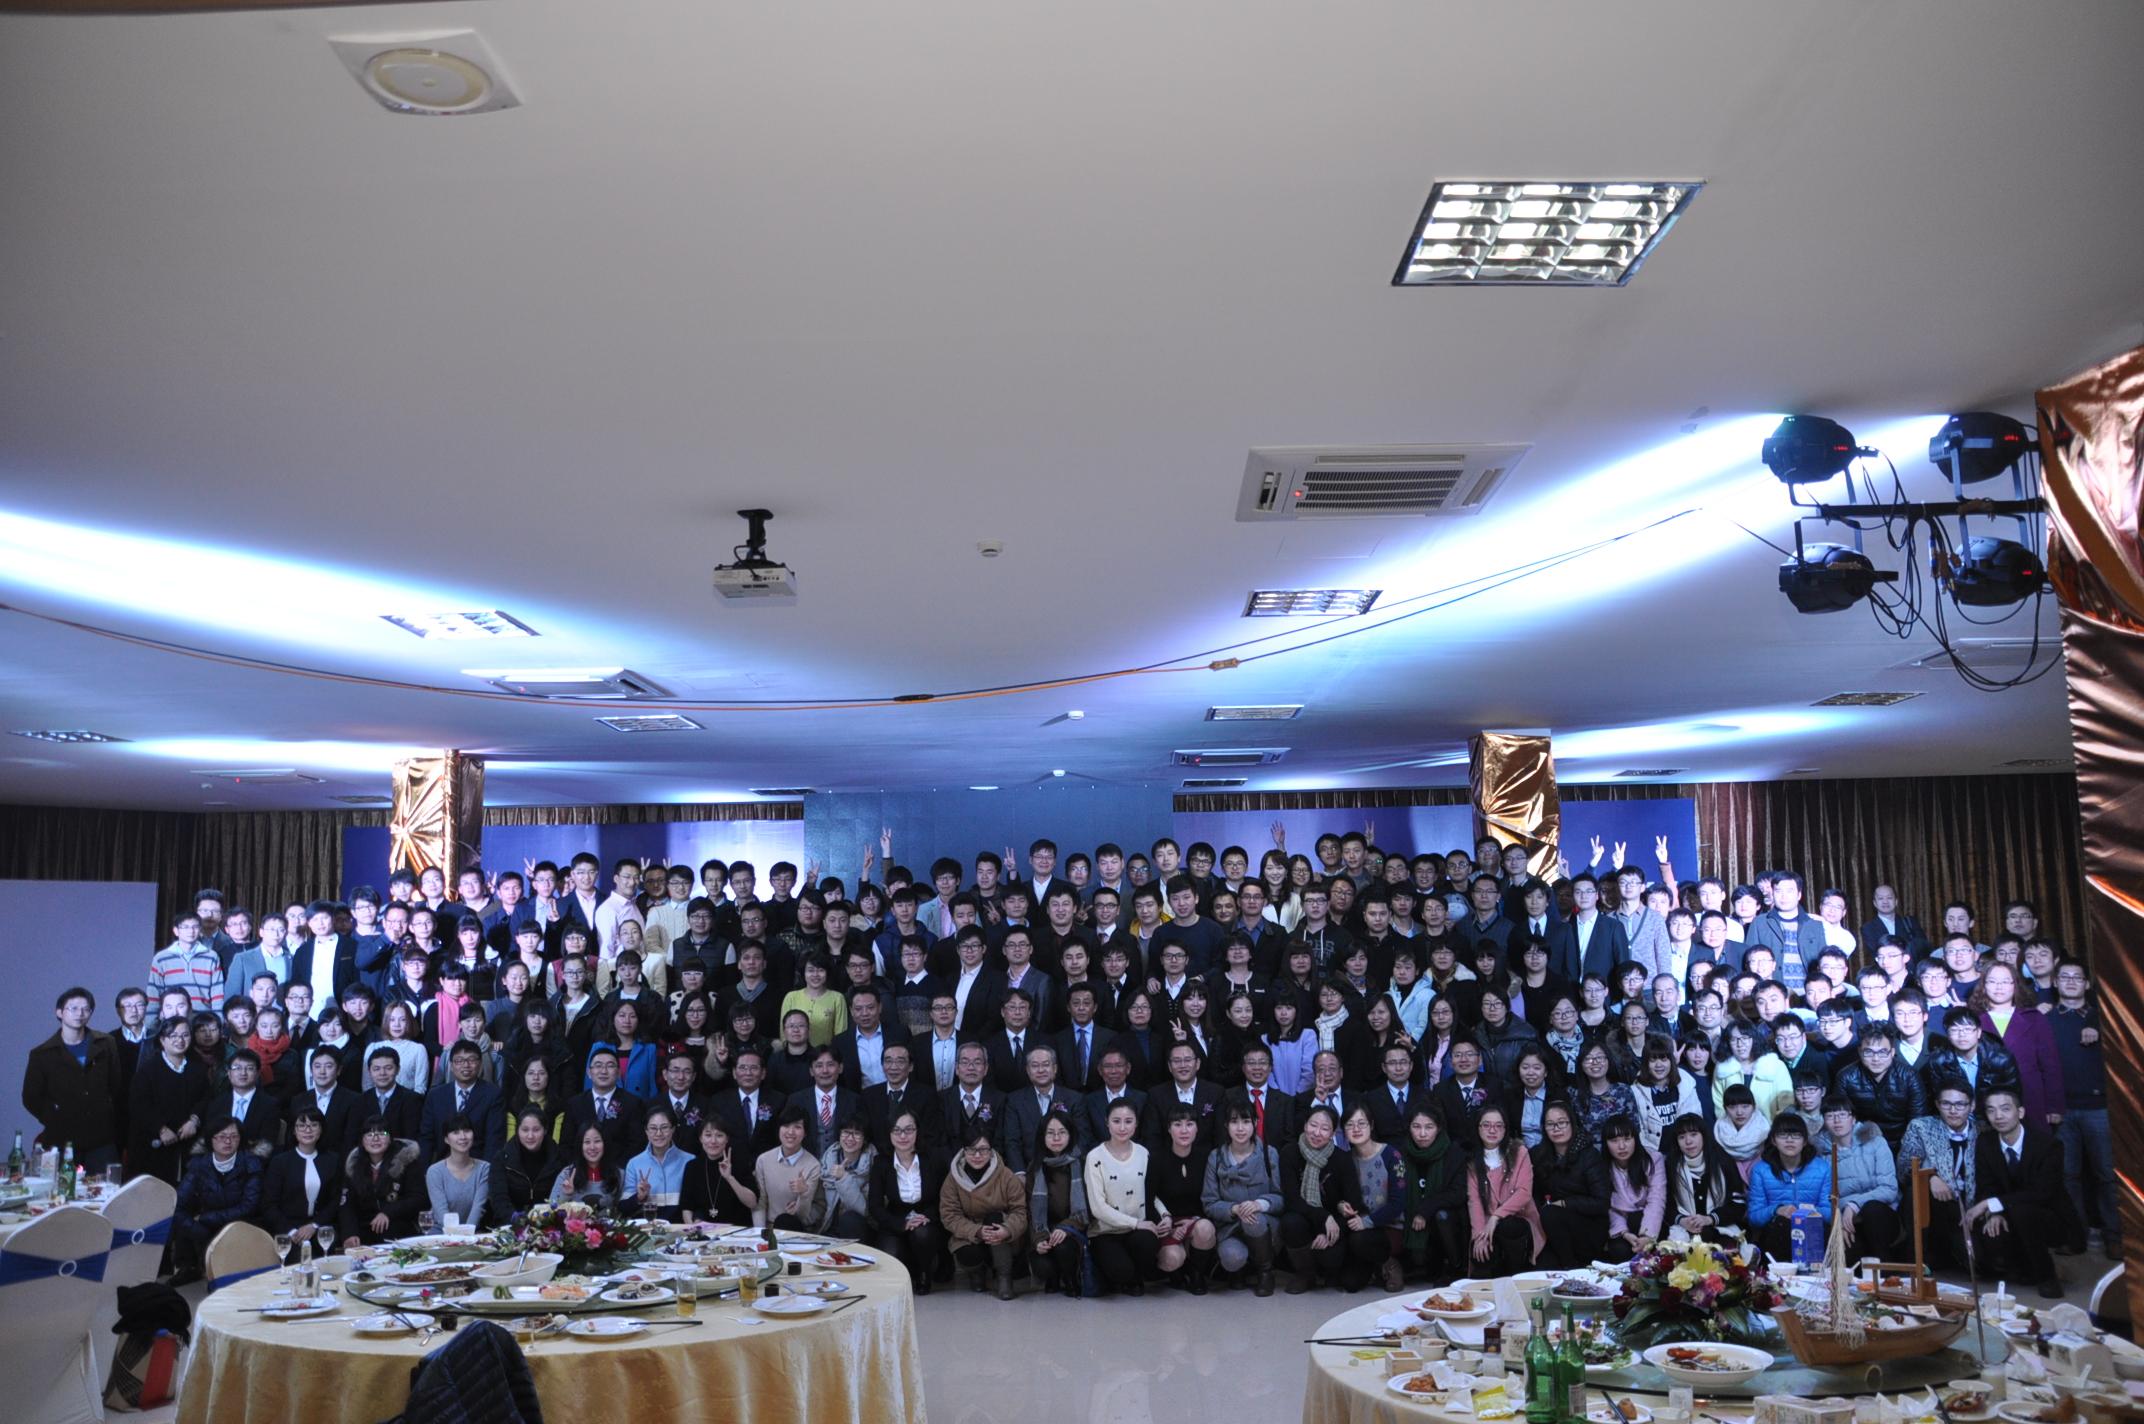 放眼未来,迎接挑战~常石(上海)船舶設計有限公司成立10周年纪念庆典仪式~